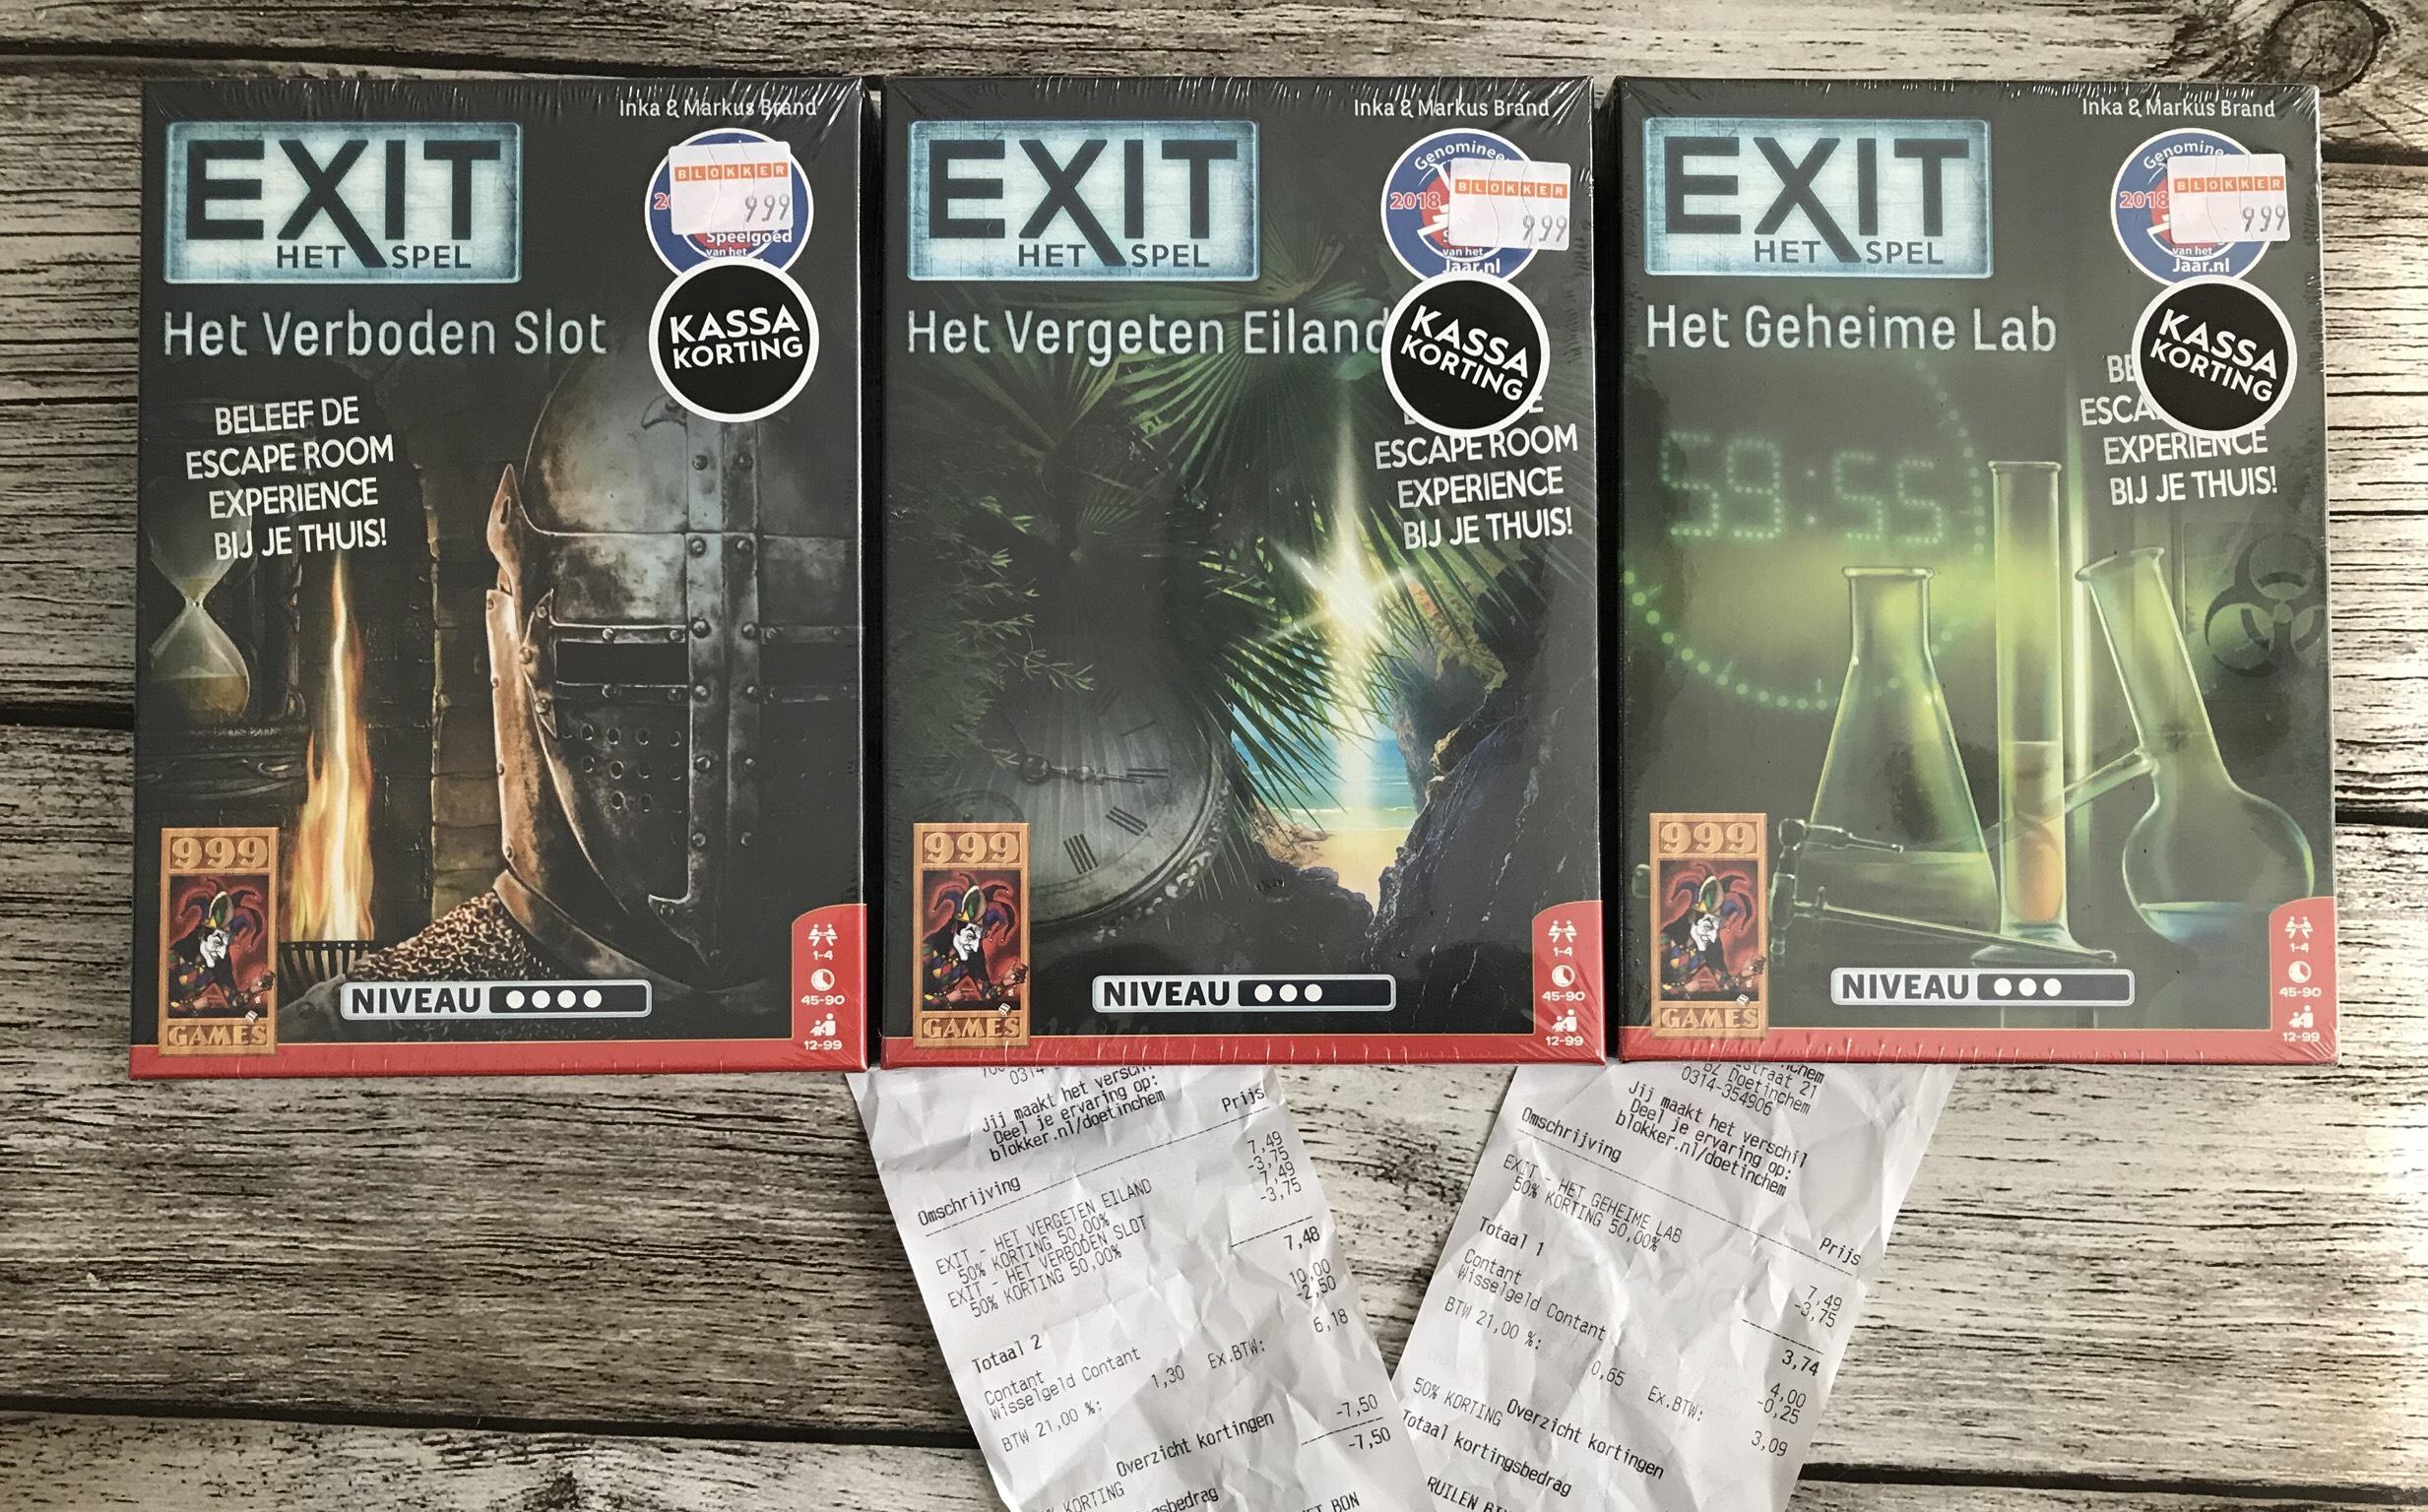 Exit het spel verschillende titels. (Lokaal ?)